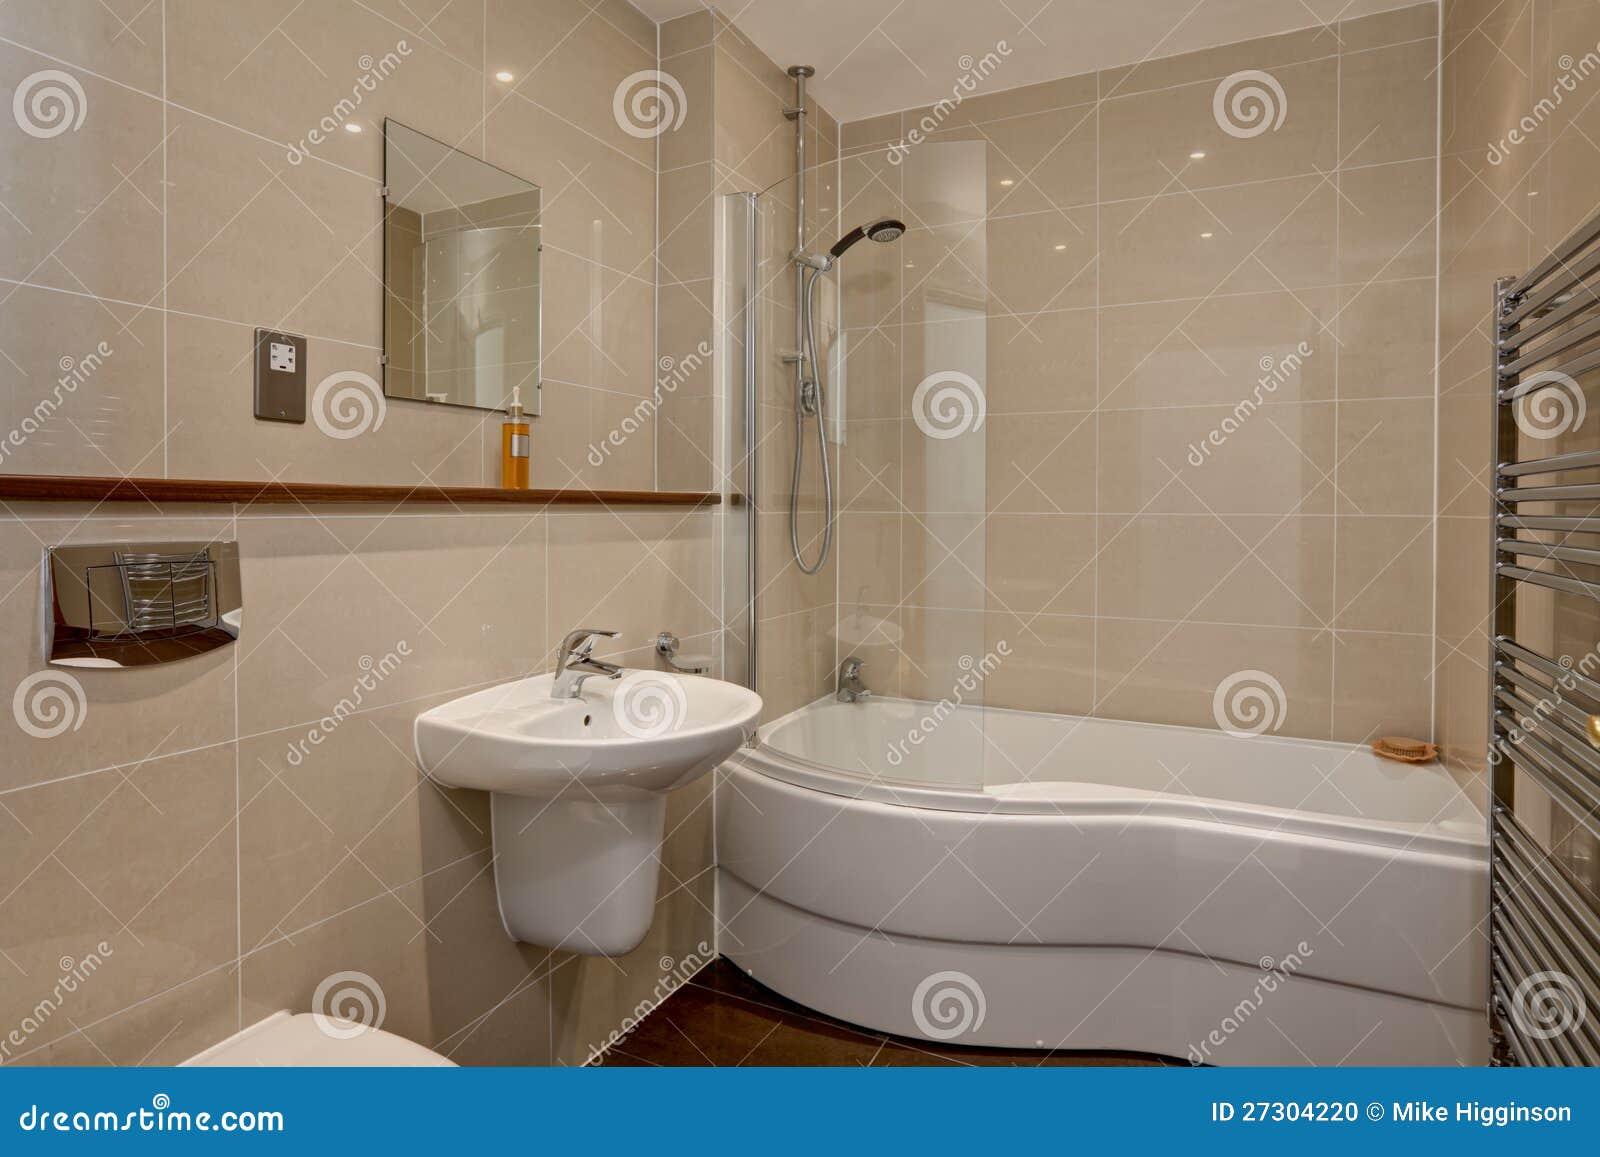 Moderne luxe betegelde badkamers stock foto beeld 27304220 - Badkamers bassin italiaanse design ...